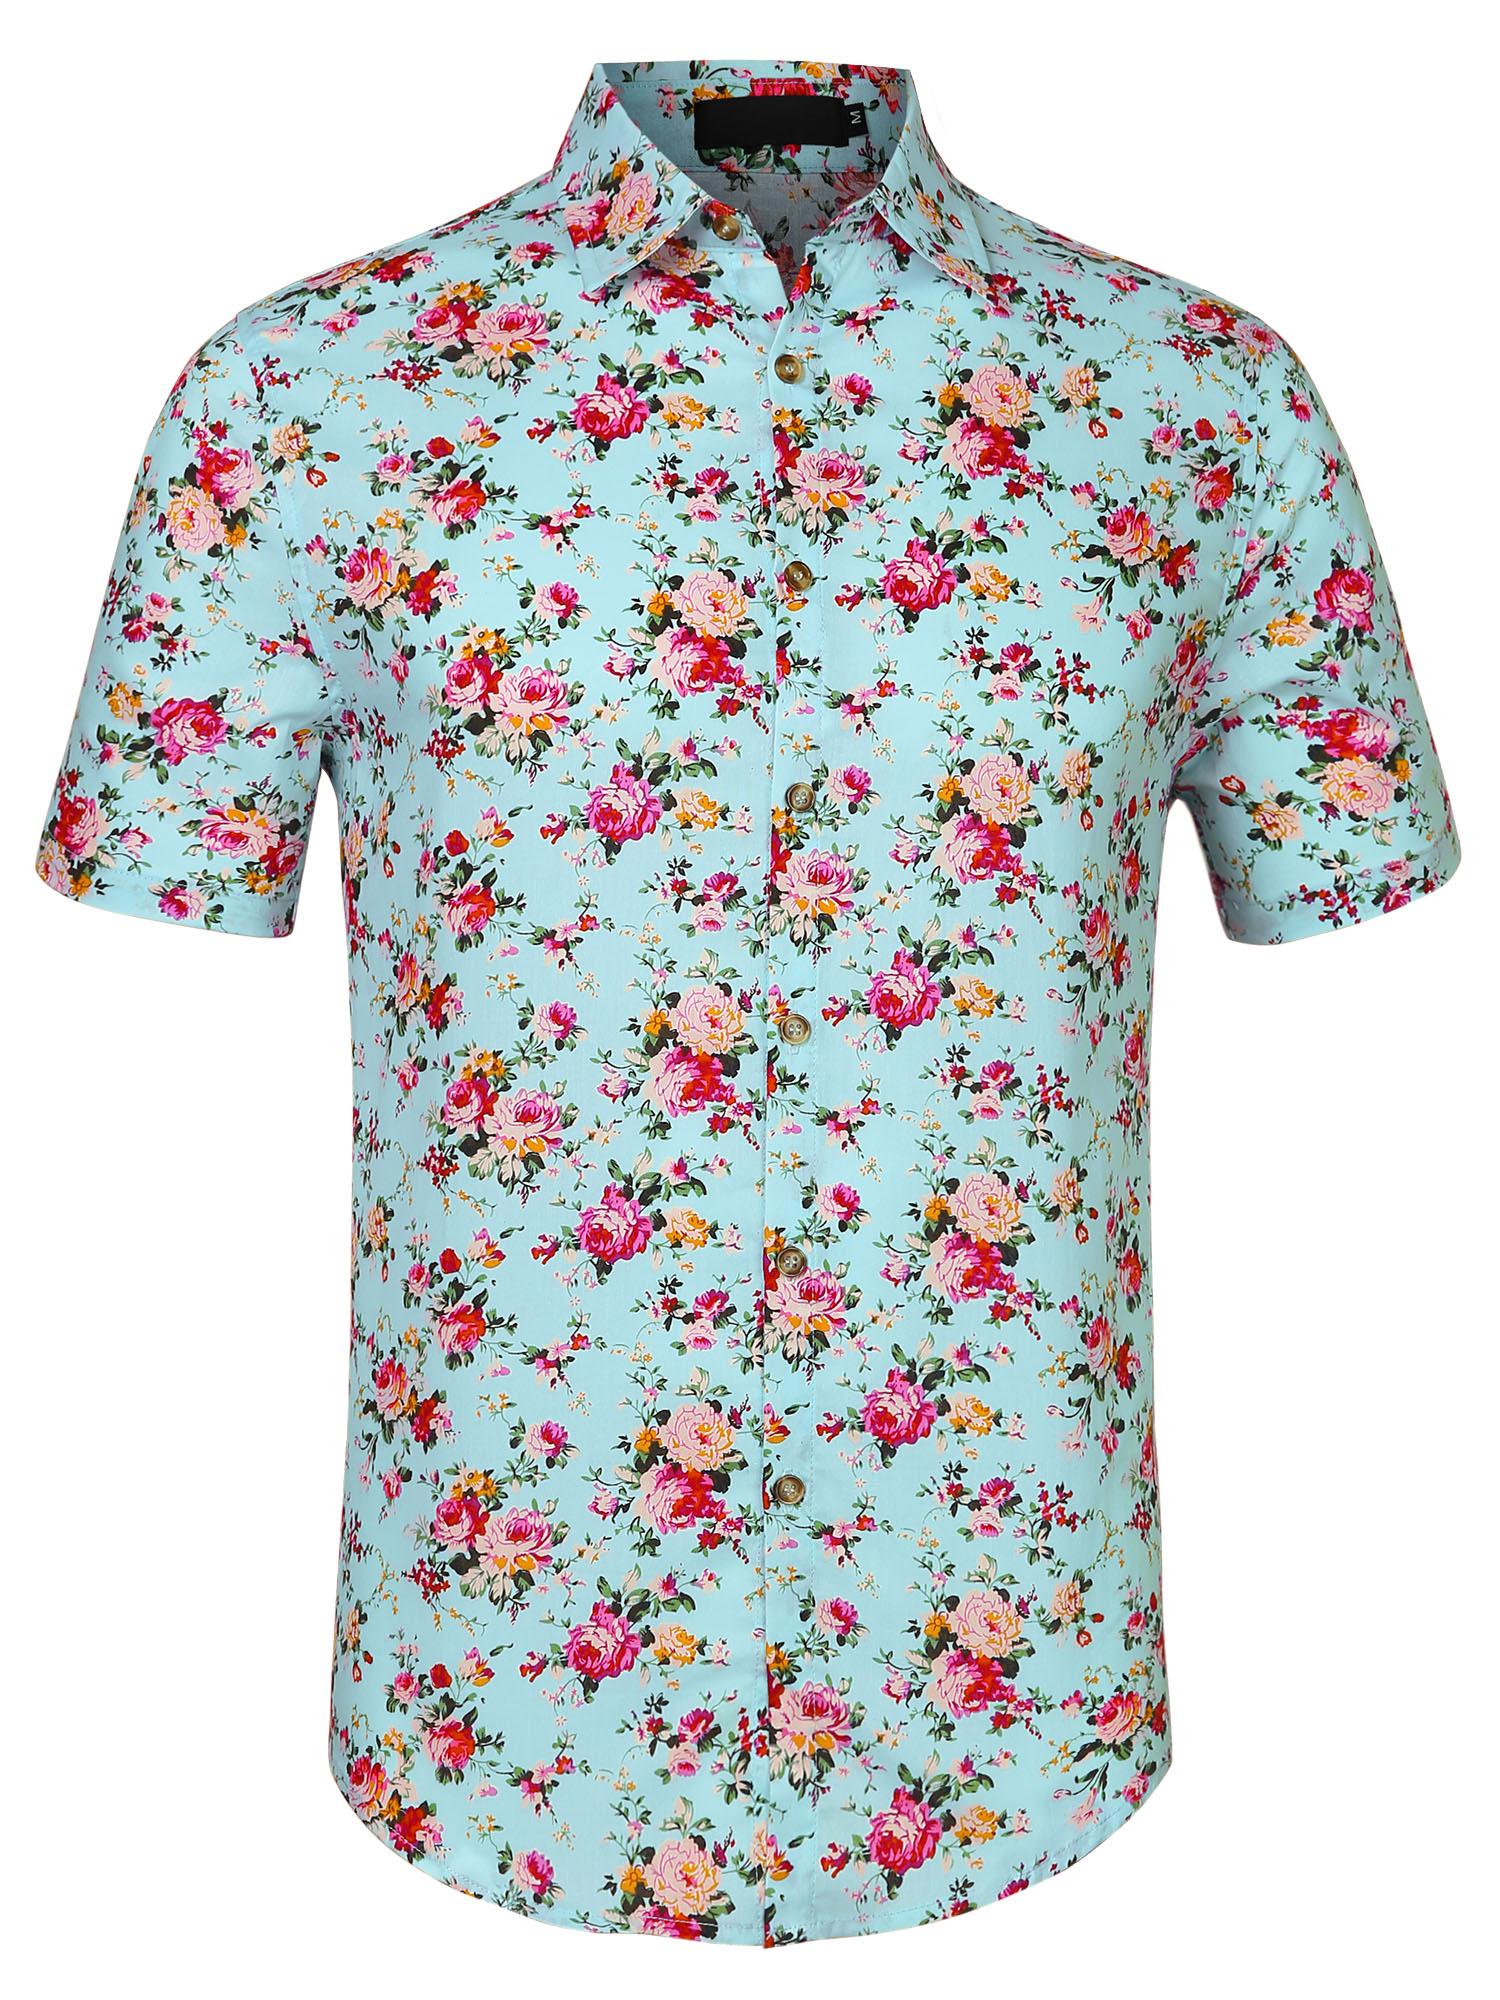 Men Short Sleeve Button Front Floral Print Cotton Hawaiian Shirt Mint S